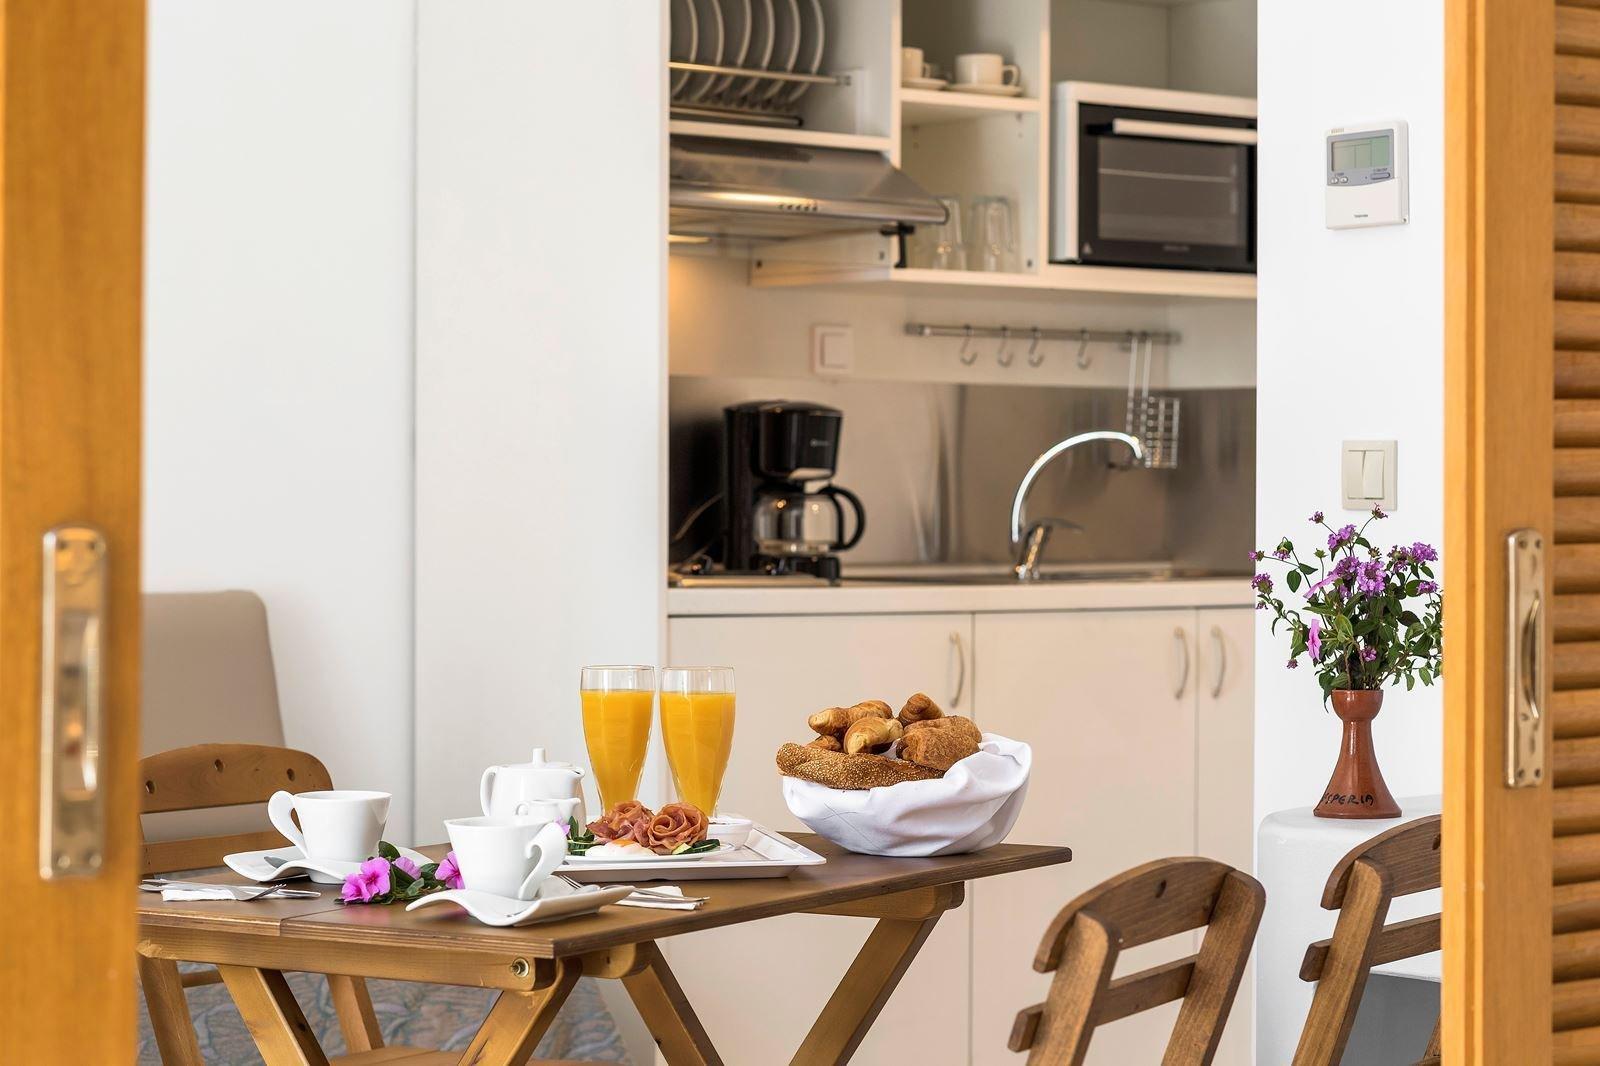 Hotel & appartementen Esperia - Rhodos-stad - 2-kamer kitchenette